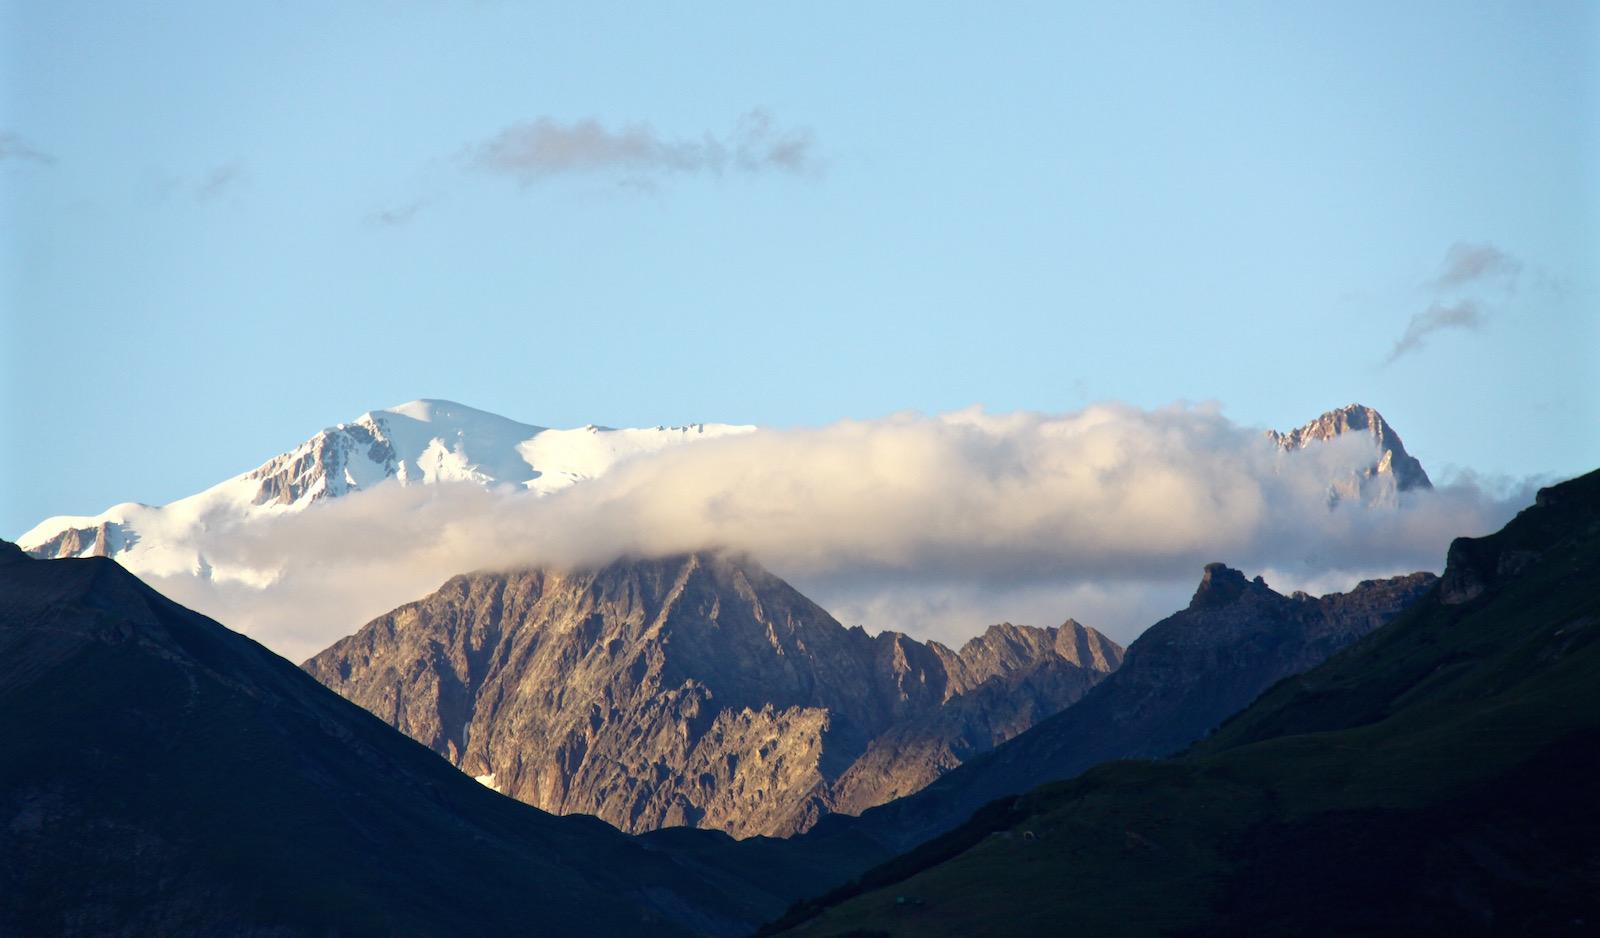 Stets erhaben und majestätisch - der Mont Blanc.